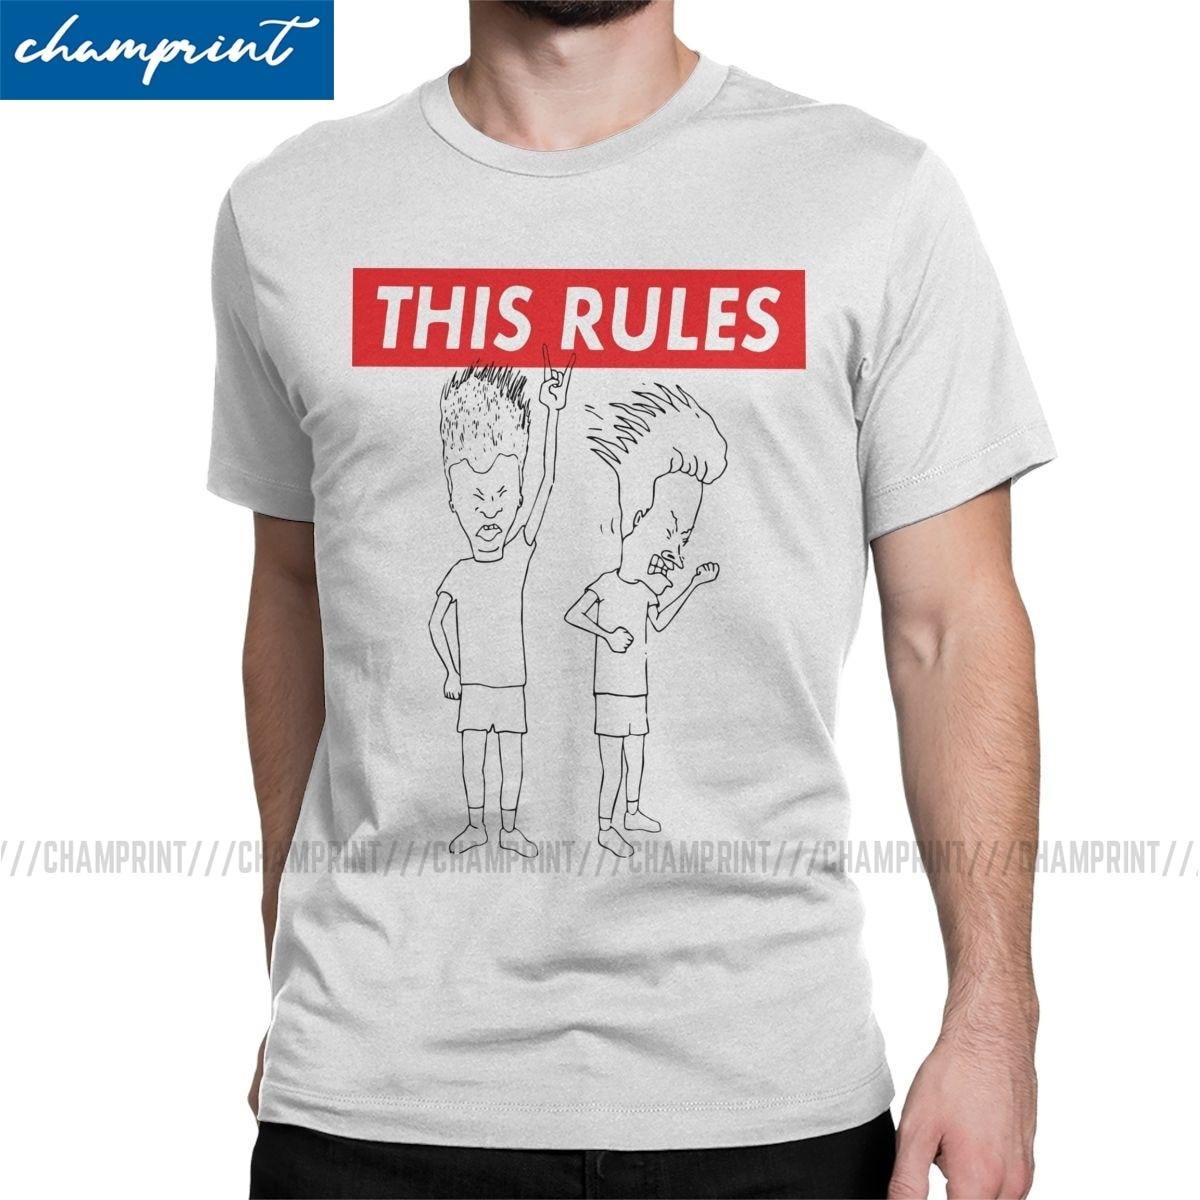 Мужская футболка Beavis с надписью «This Rules», забавная винтажная хлопковая футболка в стиле 90-х с музыкальным принтом BB, новое поступление